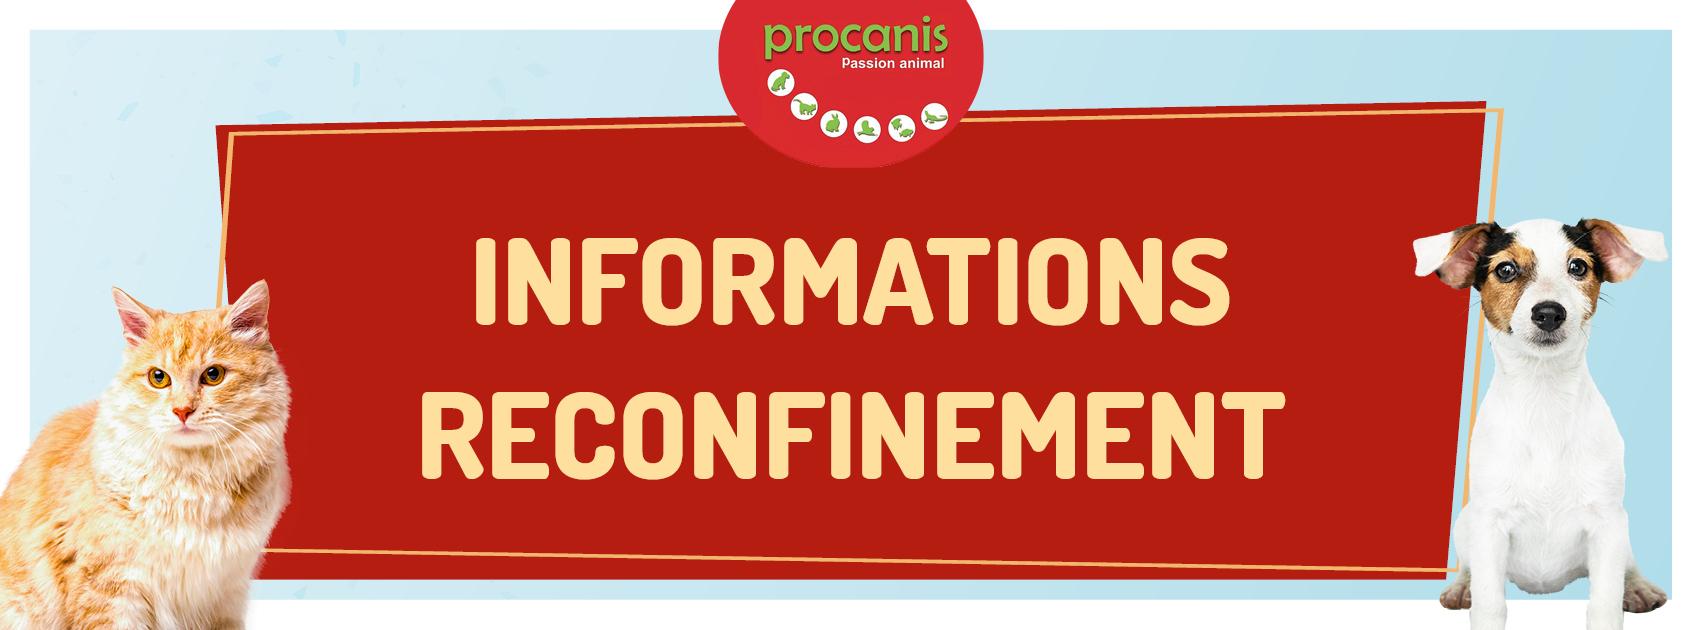 Informations reconfinement